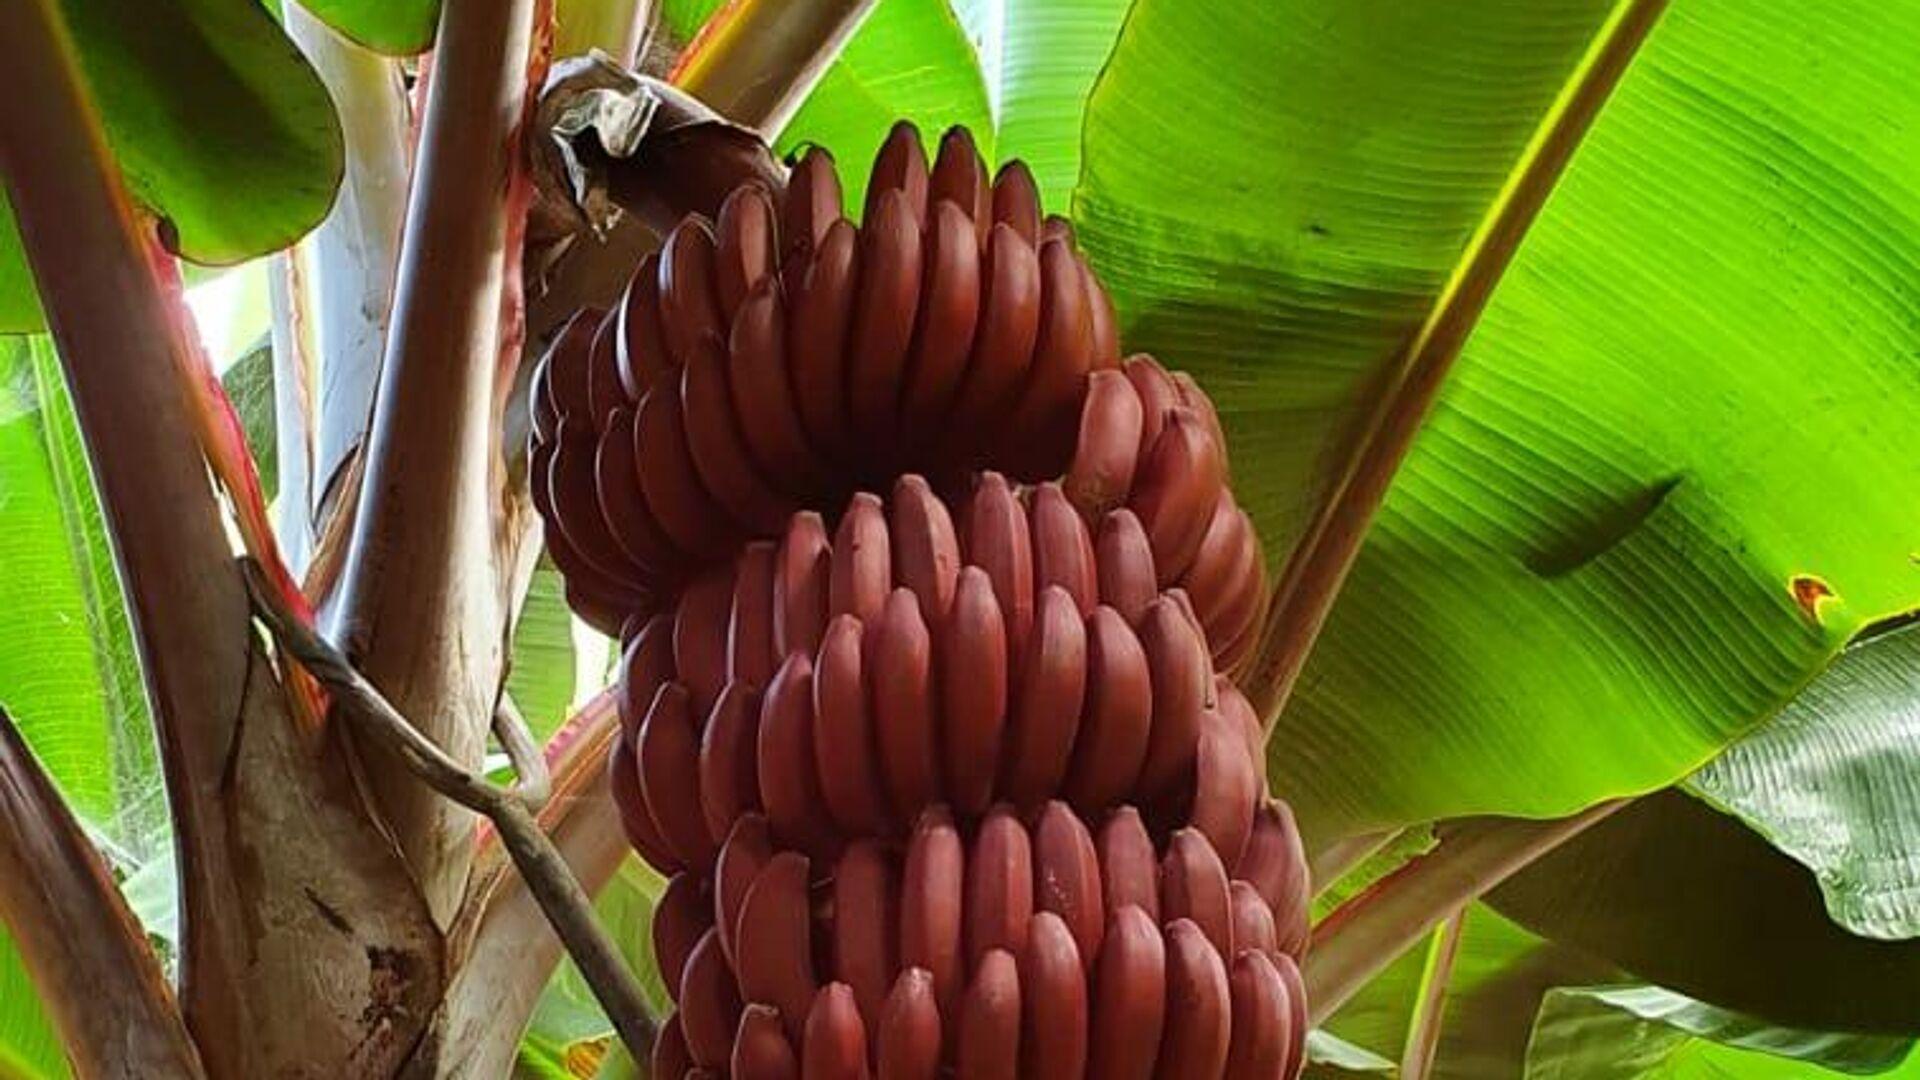 Plátanos rojos de Tenerife - Sputnik Mundo, 1920, 15.04.2021